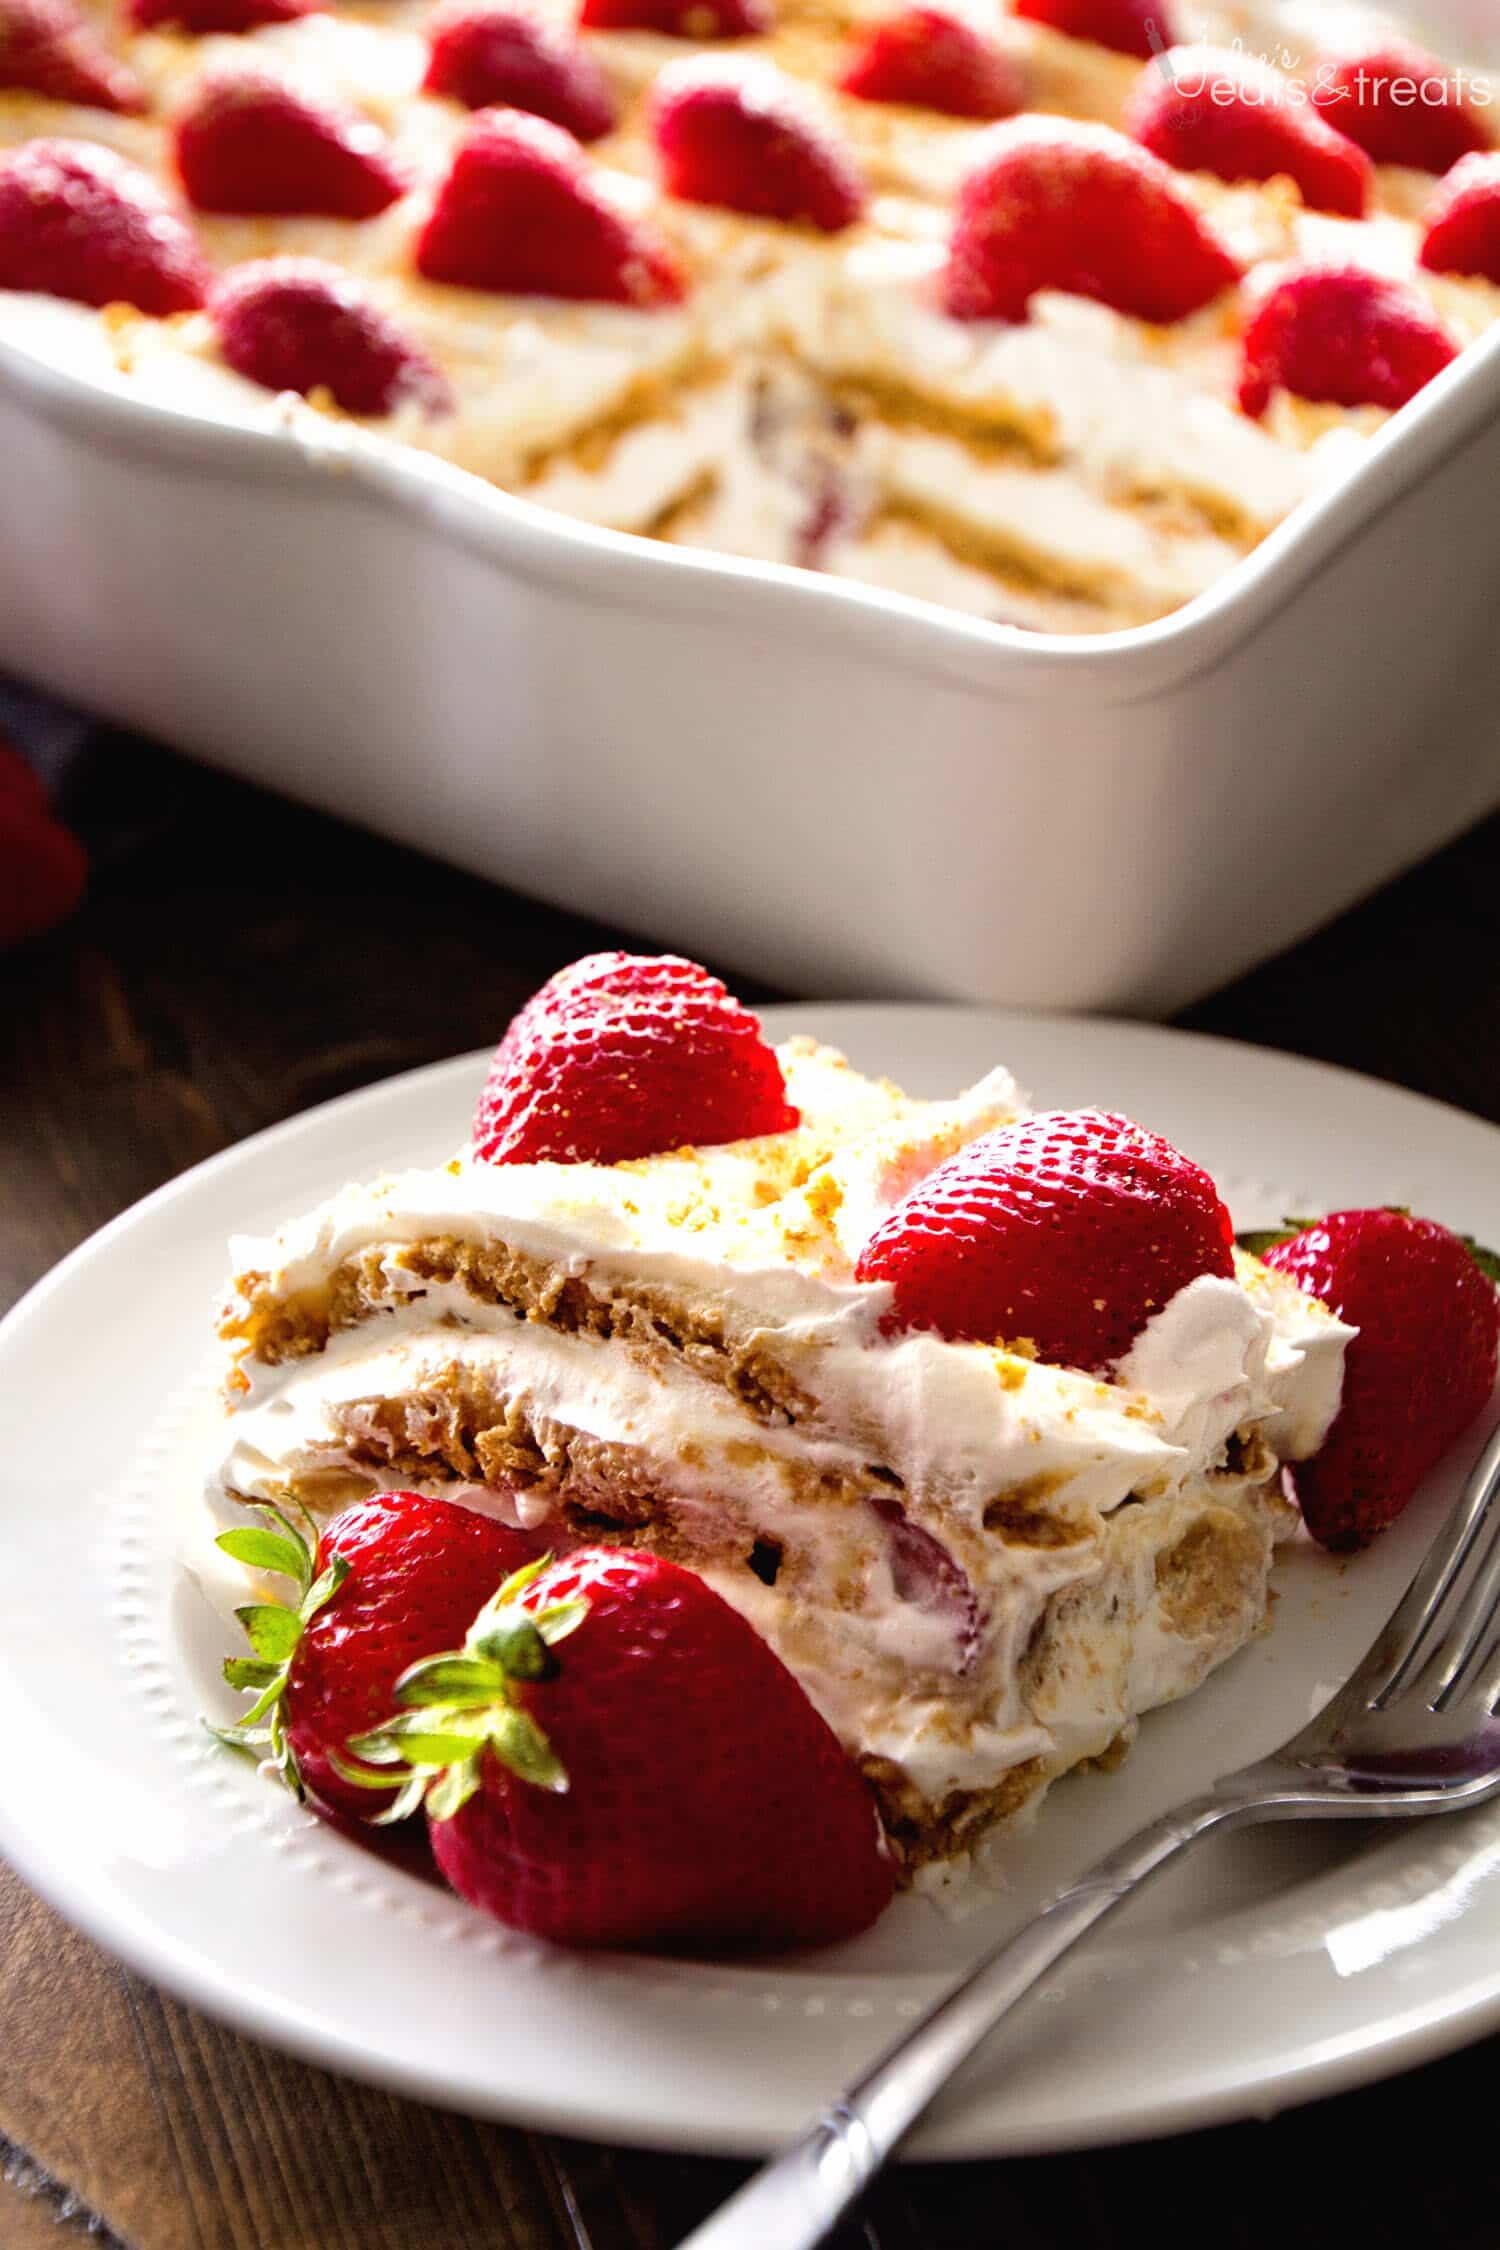 Strawberry Graham Cracker Dessert  No Bake Strawberry Cheesecake Icebox Cake Recipe Julie s